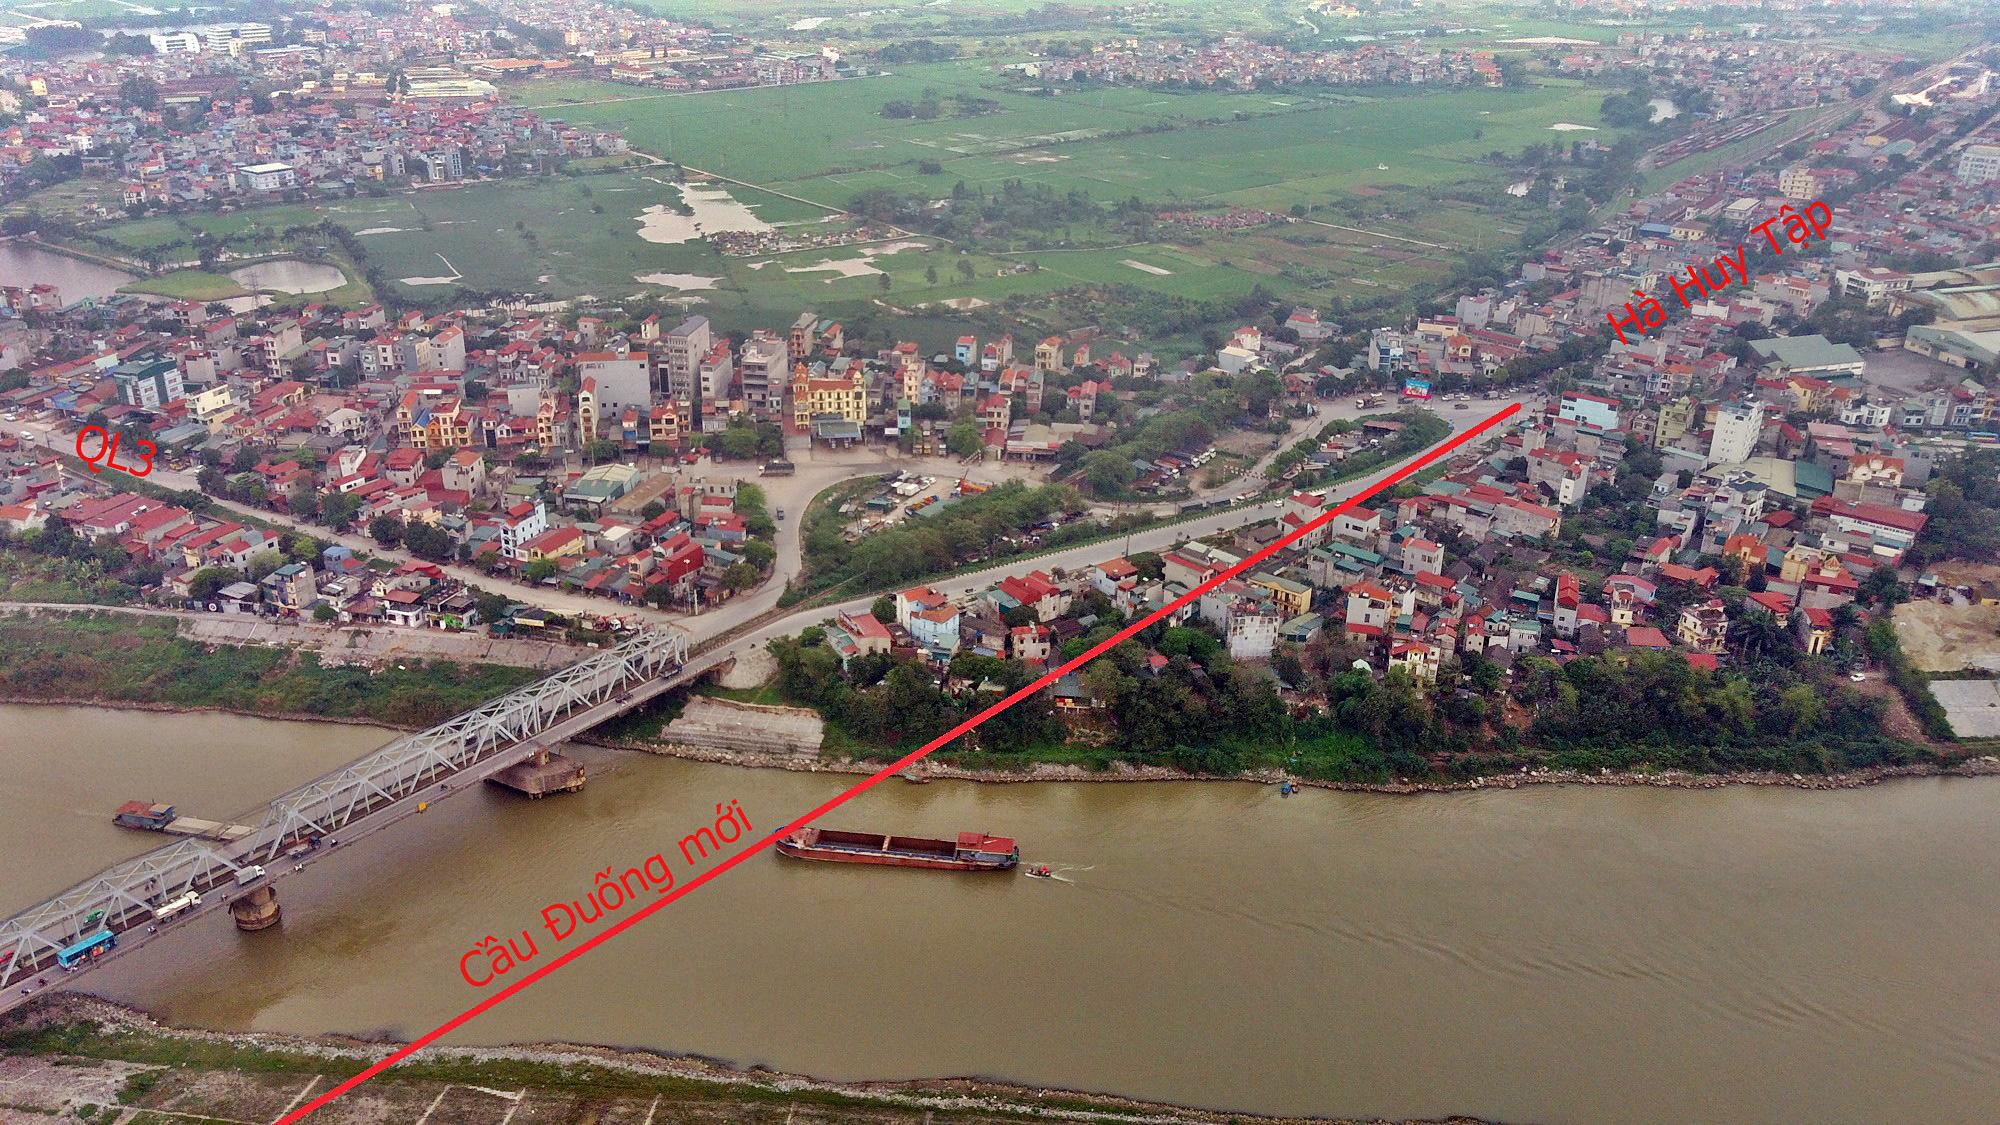 Đề xuất xây dựng cầu Đuống mới nối quận Long Biên với huyện Gia Lâm theo hình thức đối tác công-tư - Ảnh 2.